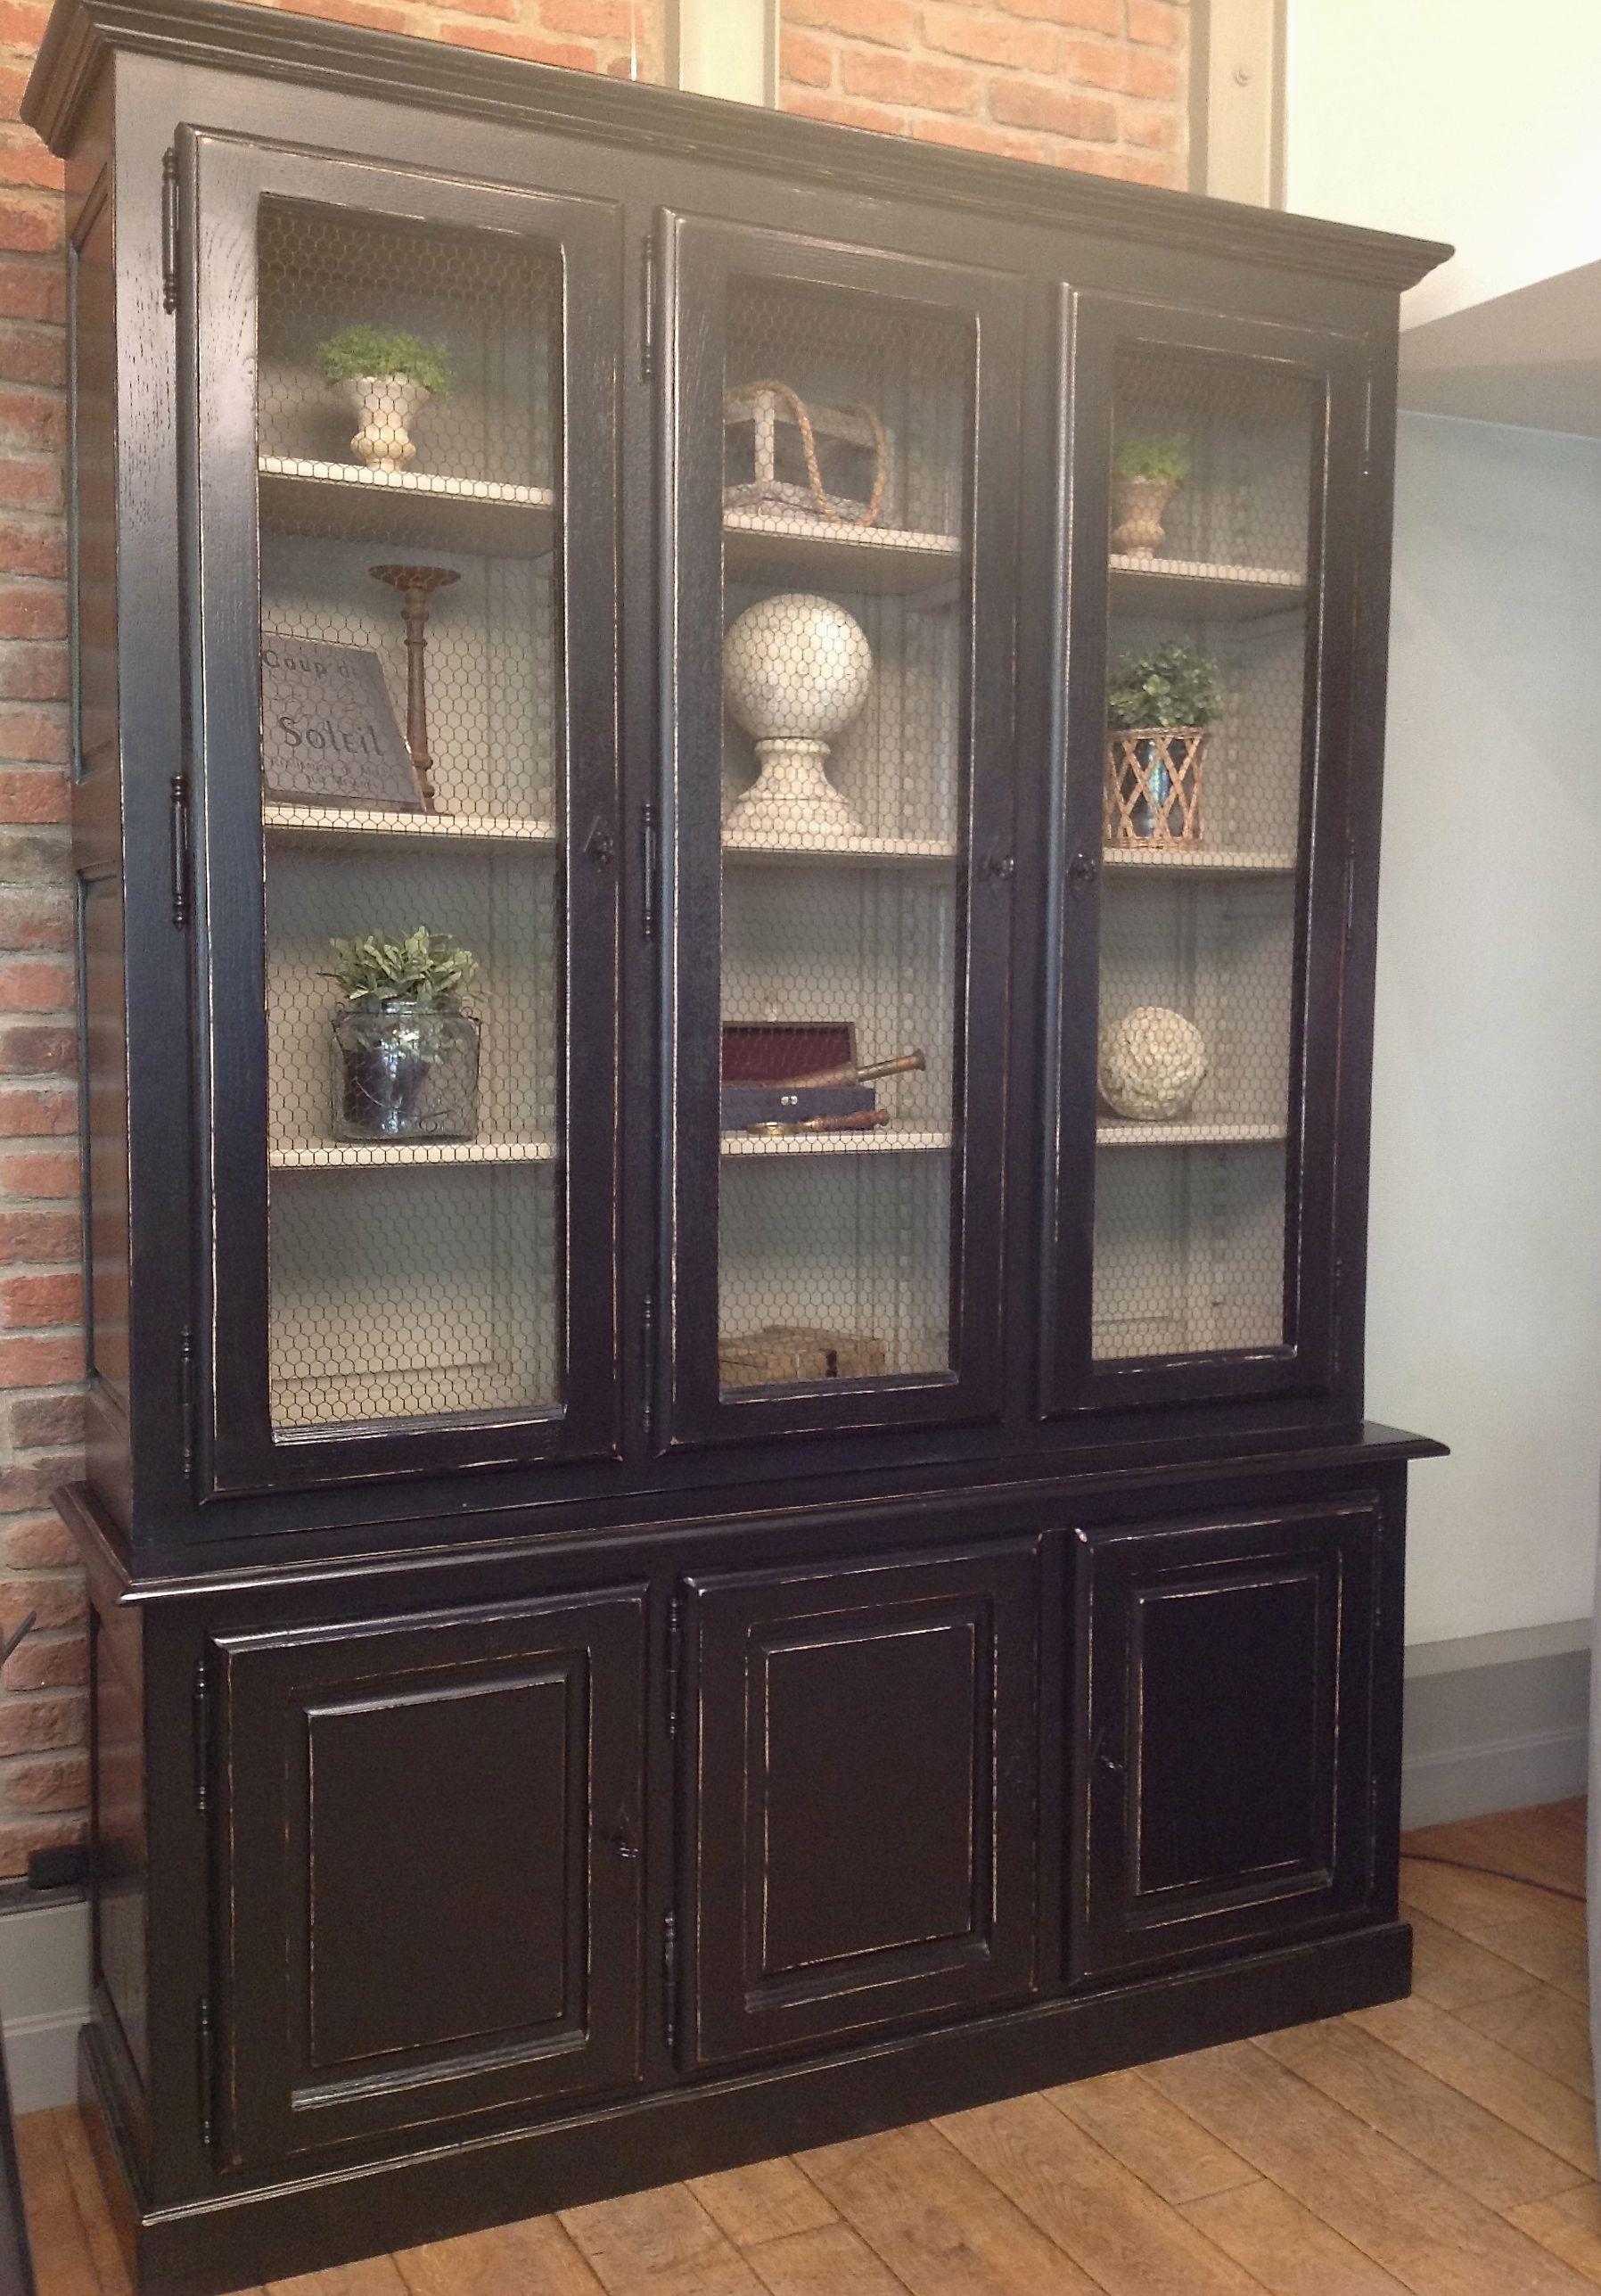 Bibliotheque 3 Portes Vitrees En Chene Massif Patinee Noire Renovation Meuble Cuisine Meubles De Cuisine Noirs Vaisselier